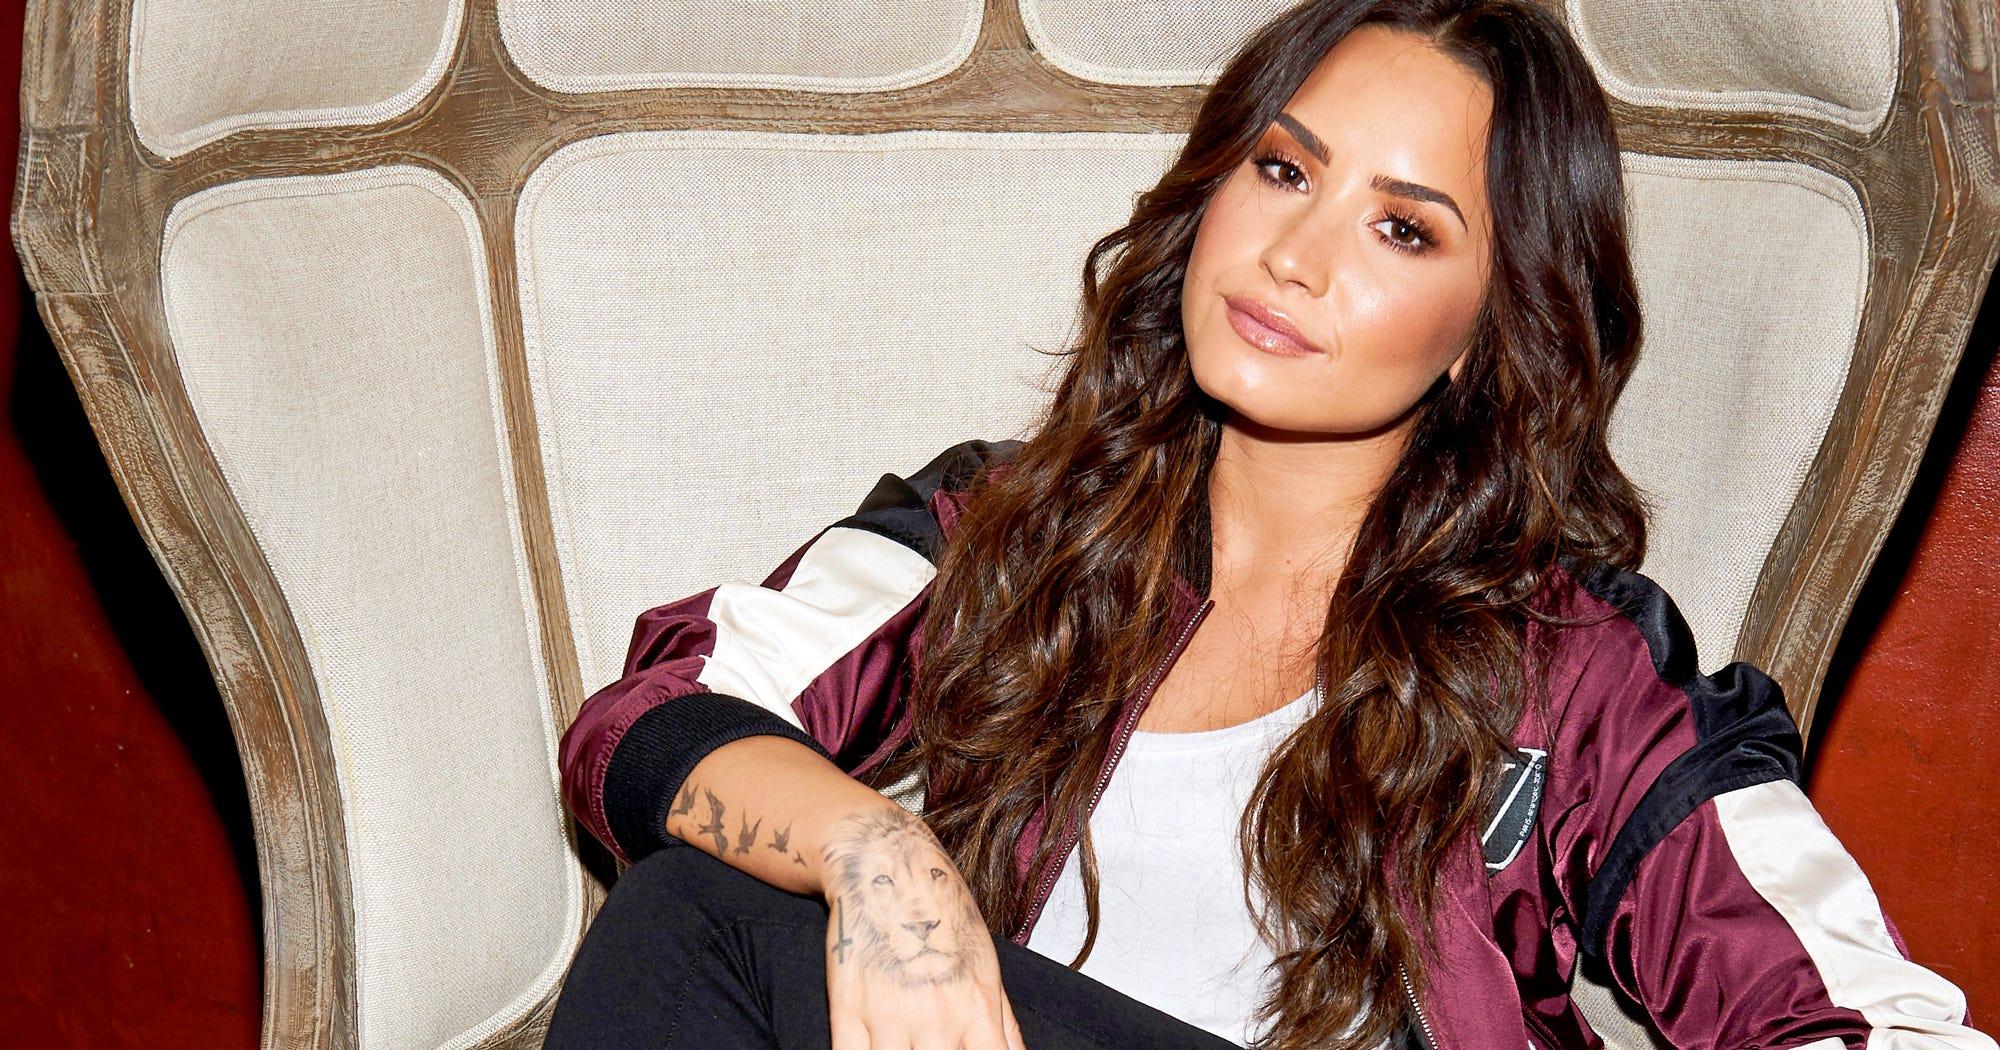 Image Demi Lovato Album Title Release Date Instagram